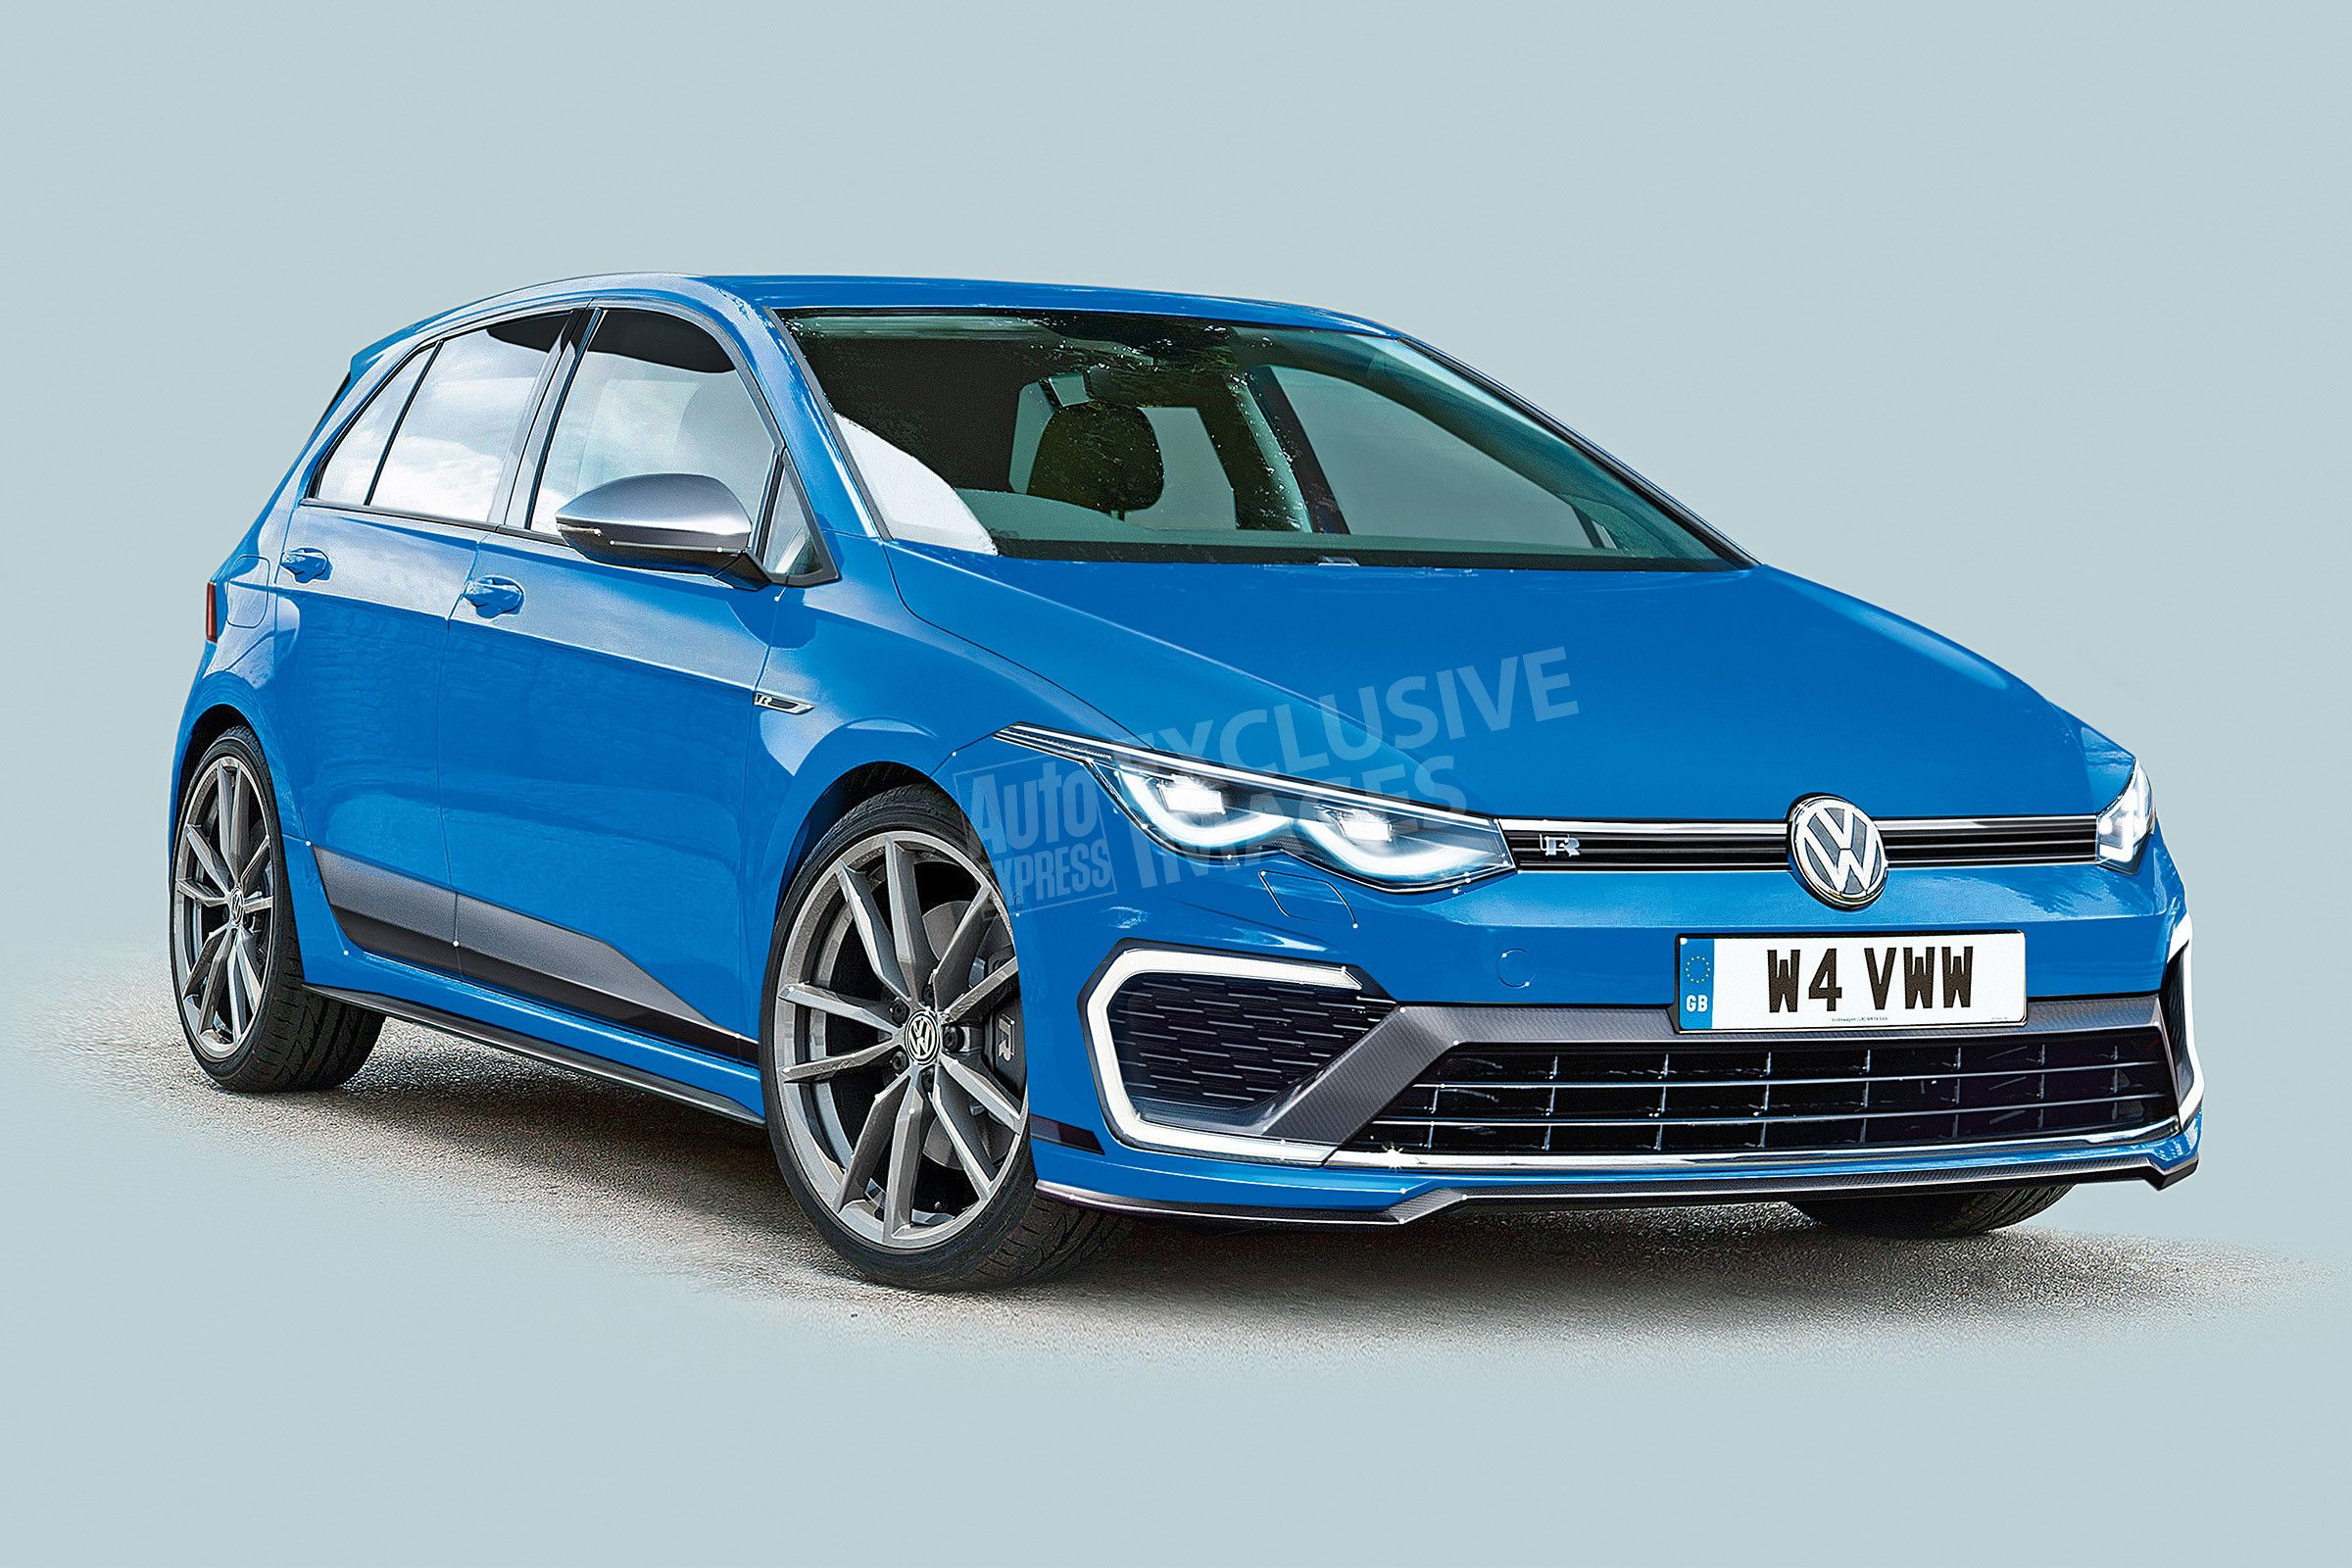 2020 Volkswagen Golf R New Volkswagen Golf Gtd Facelift 2017